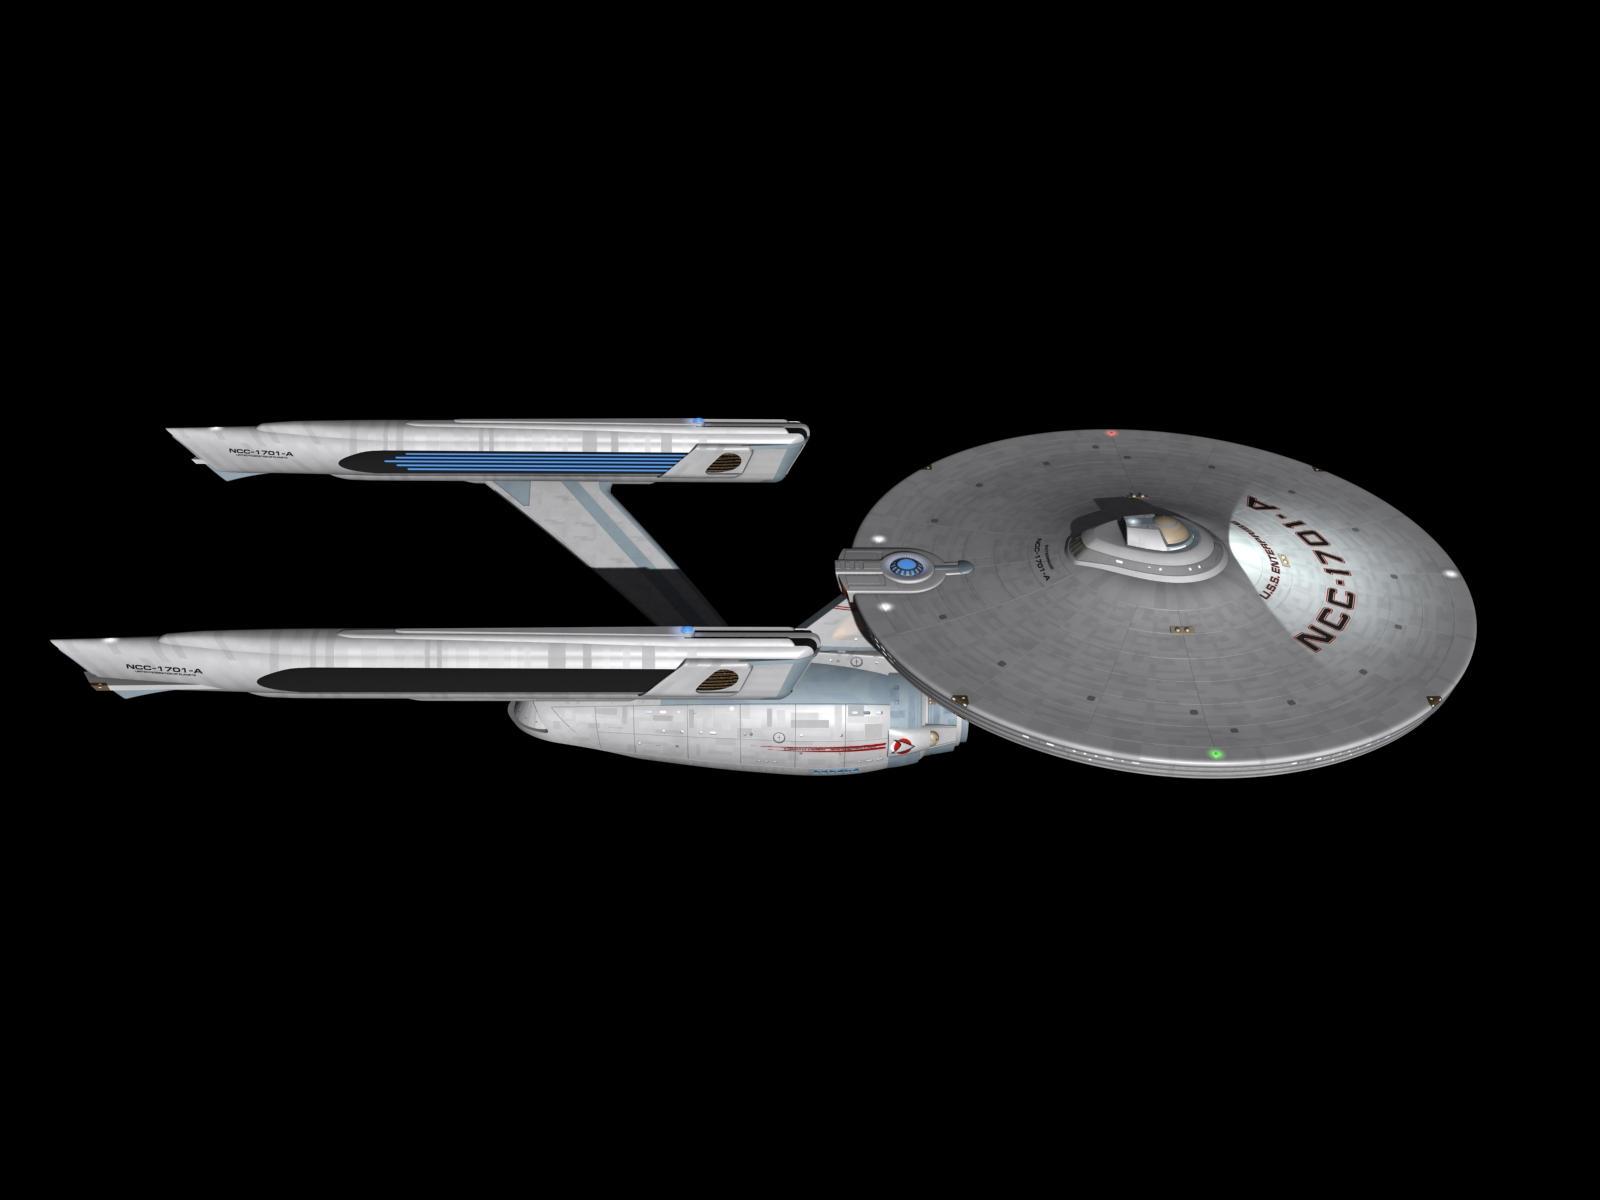 USS Enterprise-A by metlesitsfleetyards